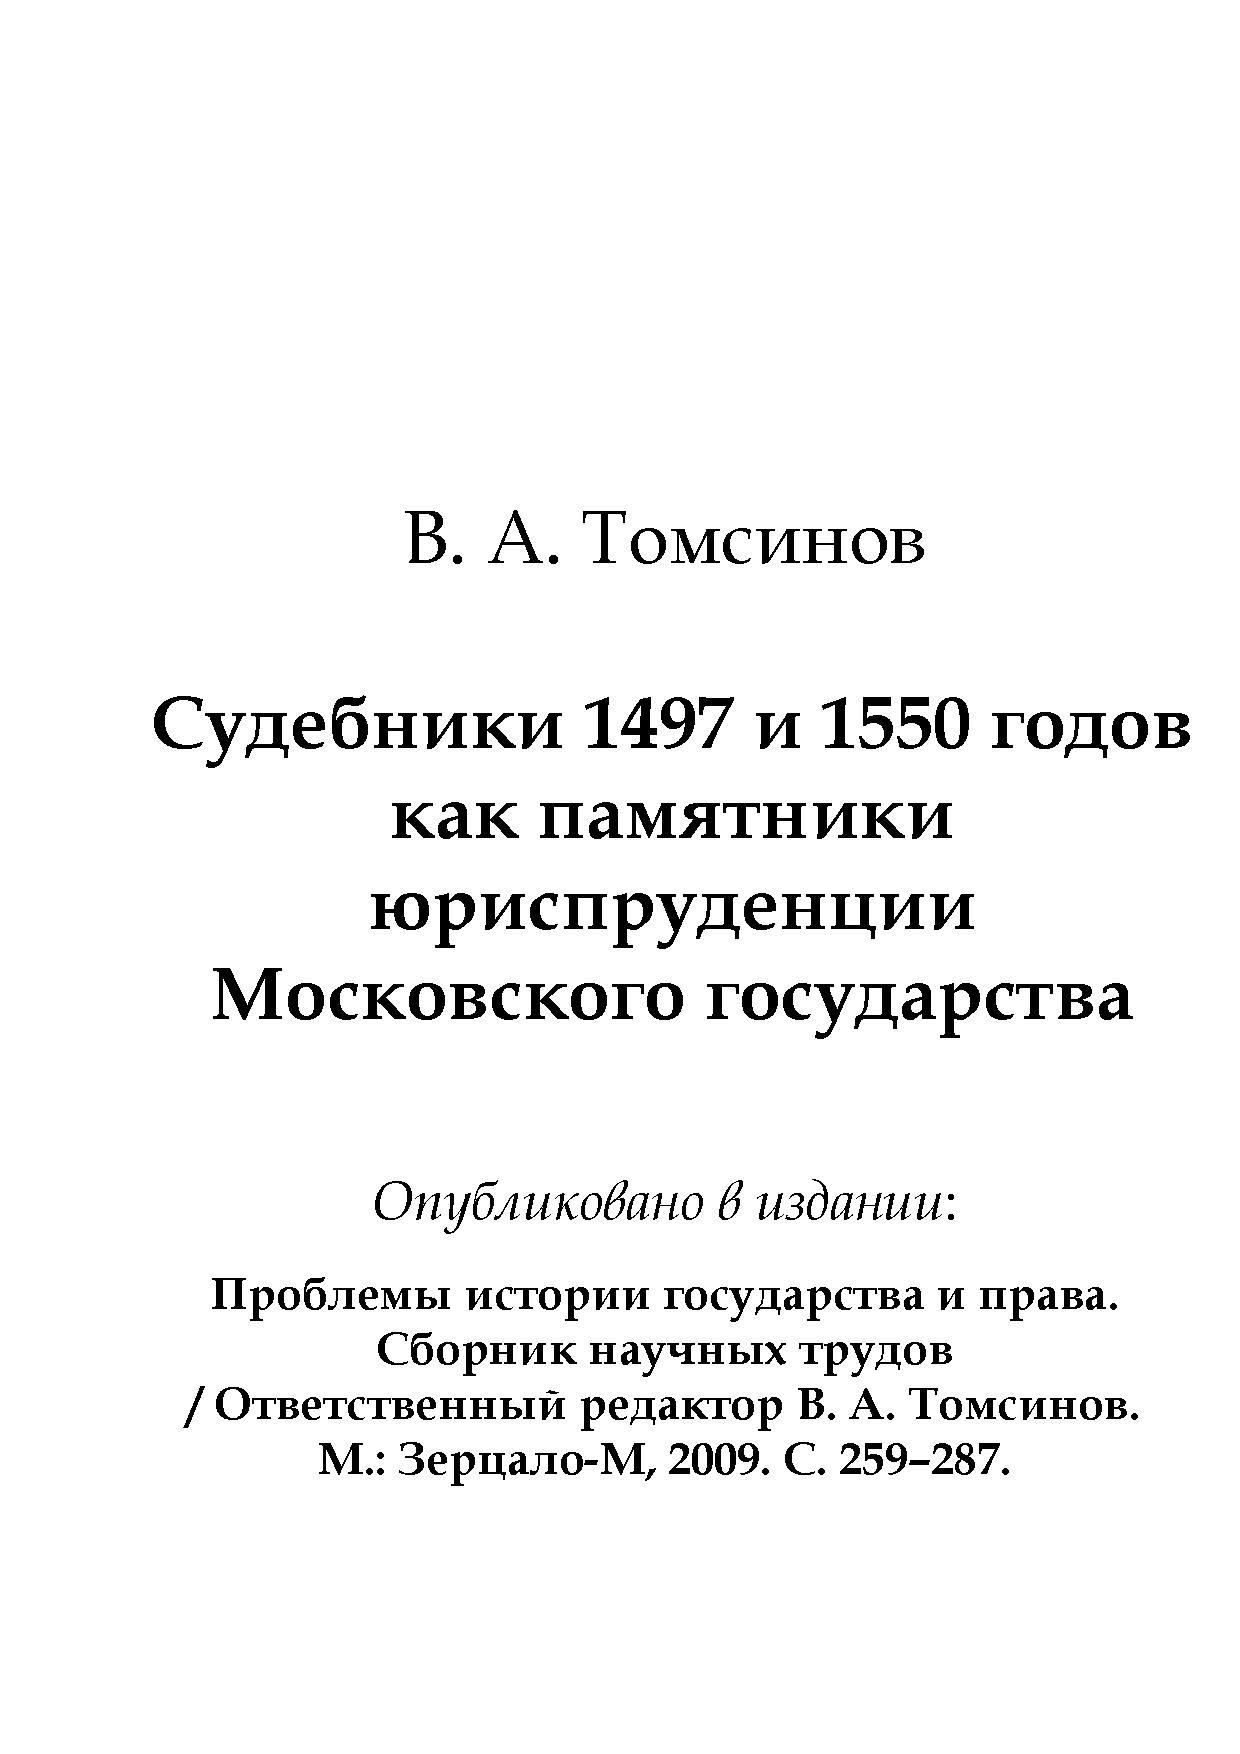 Томсинов В.А. Судебники 1497 и 1550 годов